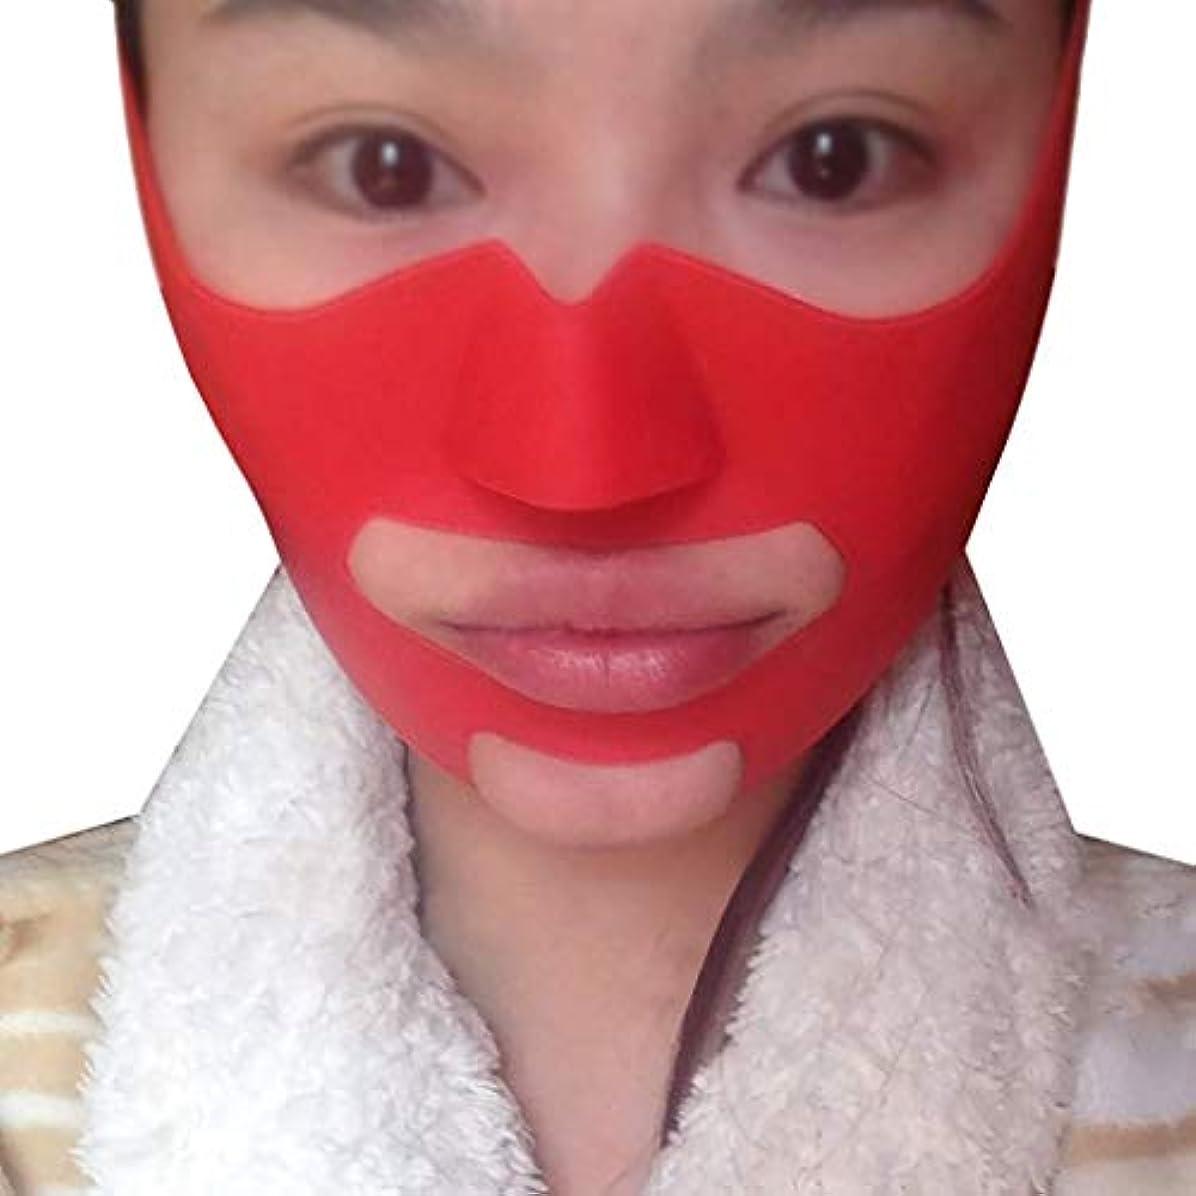 シャワー十分ではないどんよりしたフェイスリフトマスク、シリコンVフェイスマスクフェイスマスク強力で細かい筋肉マッスルリフトアップルマッスルを命令するパターンアーティファクト小さなVフェイス包帯フェイスとネックリフト